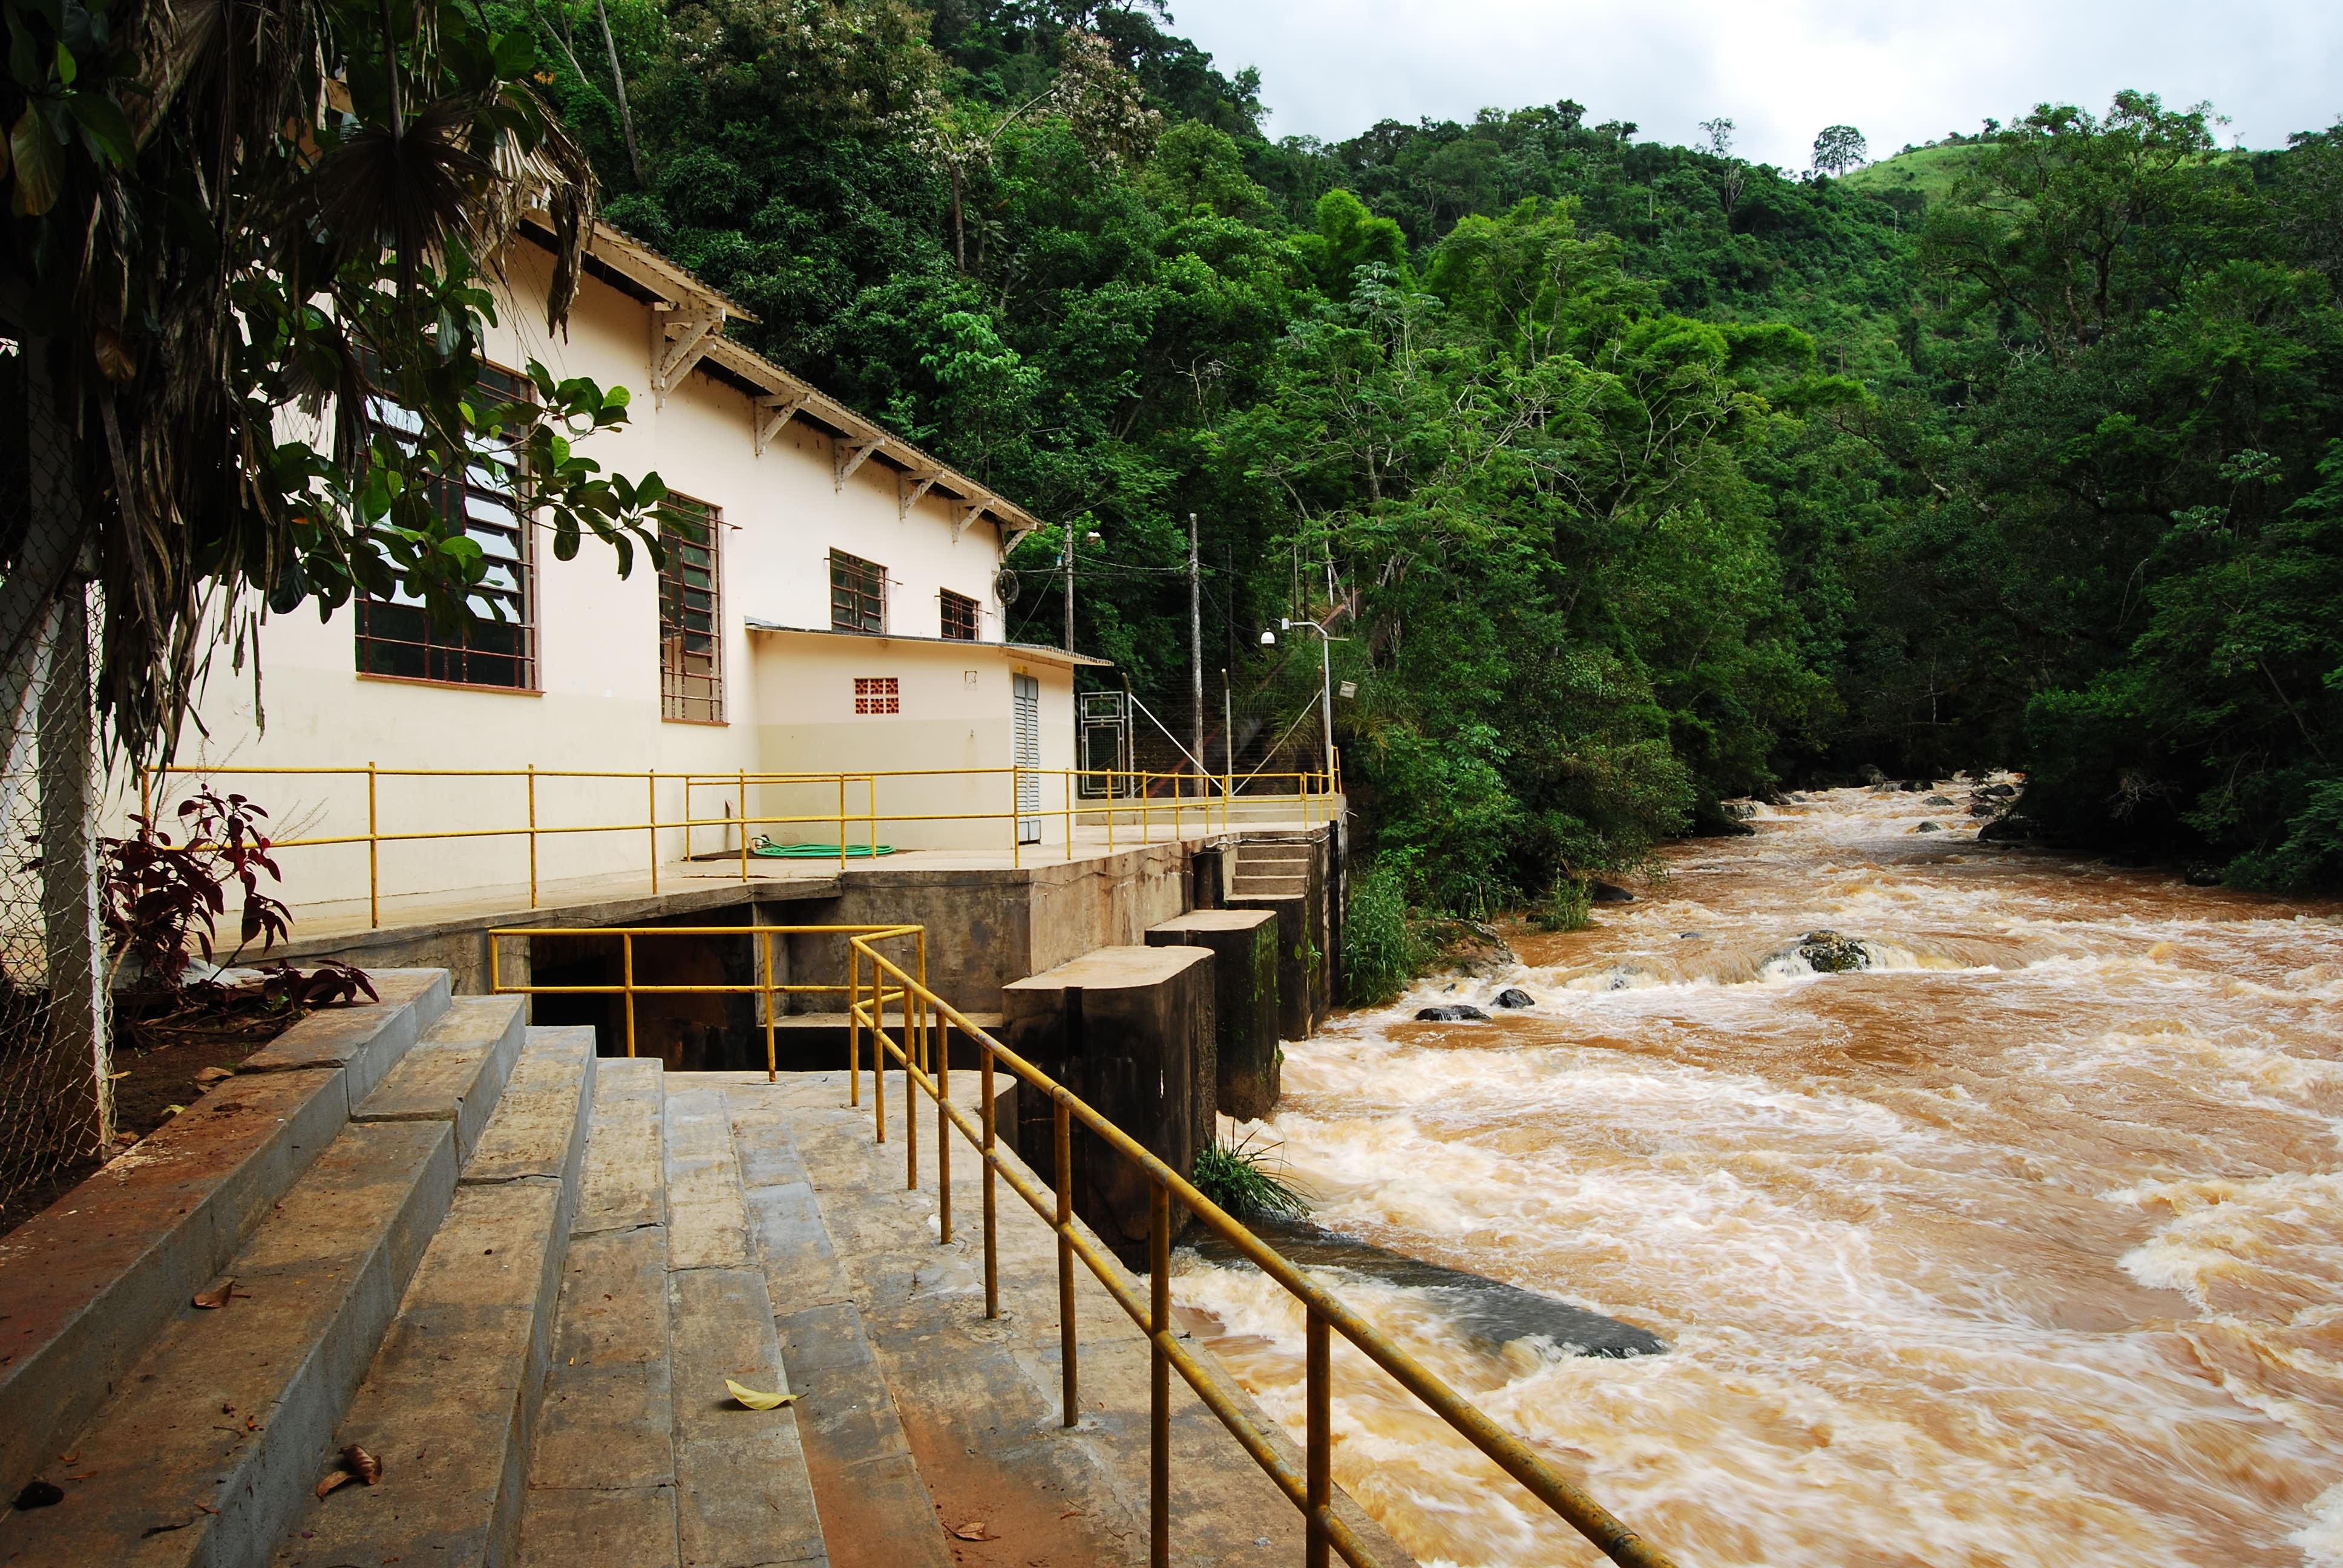 A PCH Apucaraninha fica entre Londrina e Tamarana, no nort e do Paraná, e teve o seu início de operação comercial em 1949, com o aproveitamento do Salto Grande, no Rio Apucaraninha.